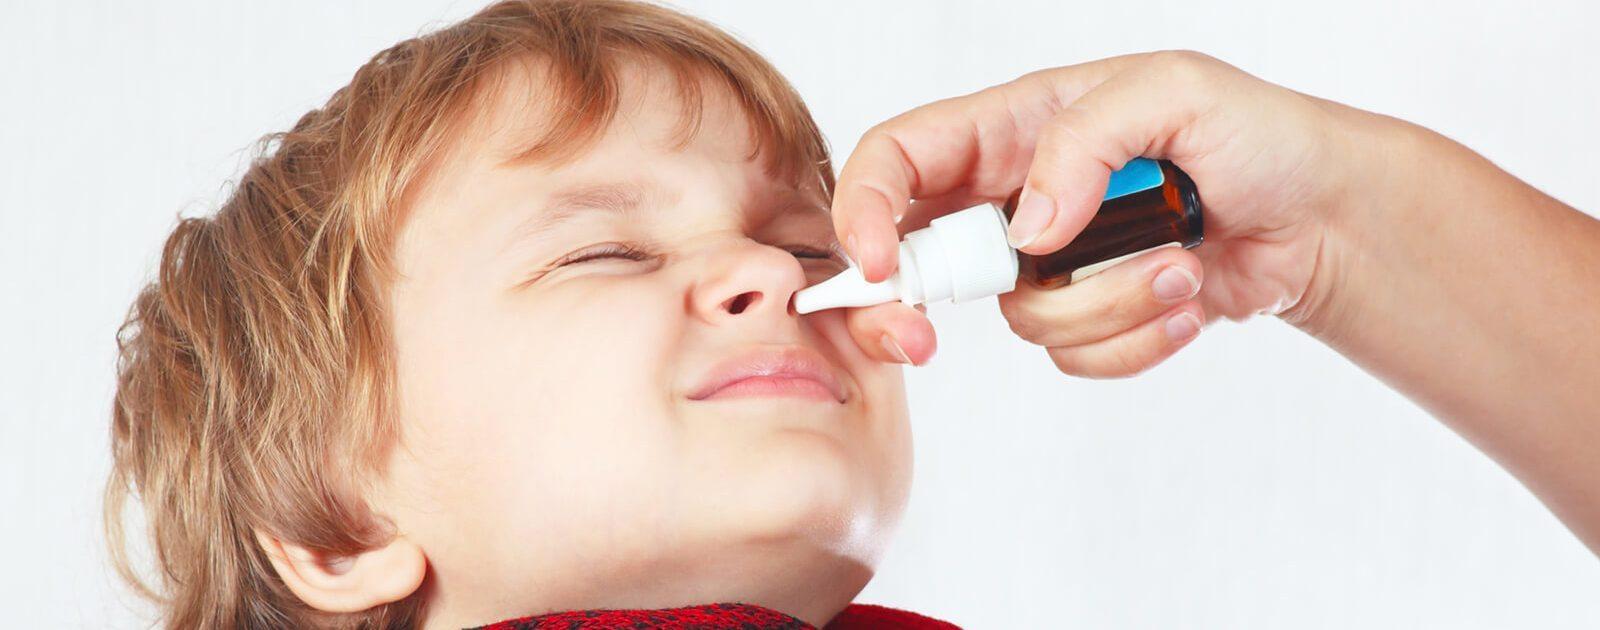 Junge verwendet Nasenspray ohne Konservierungsstoffe.